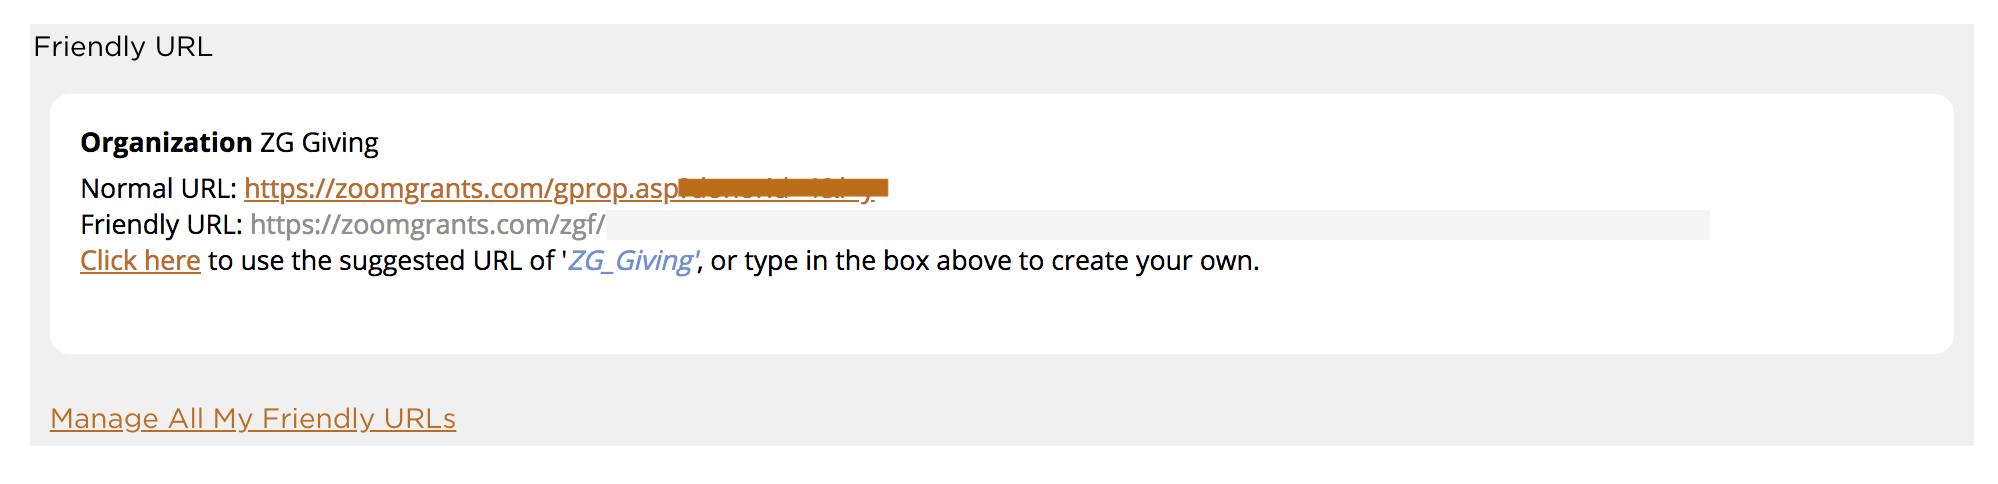 Organization Friendly URL